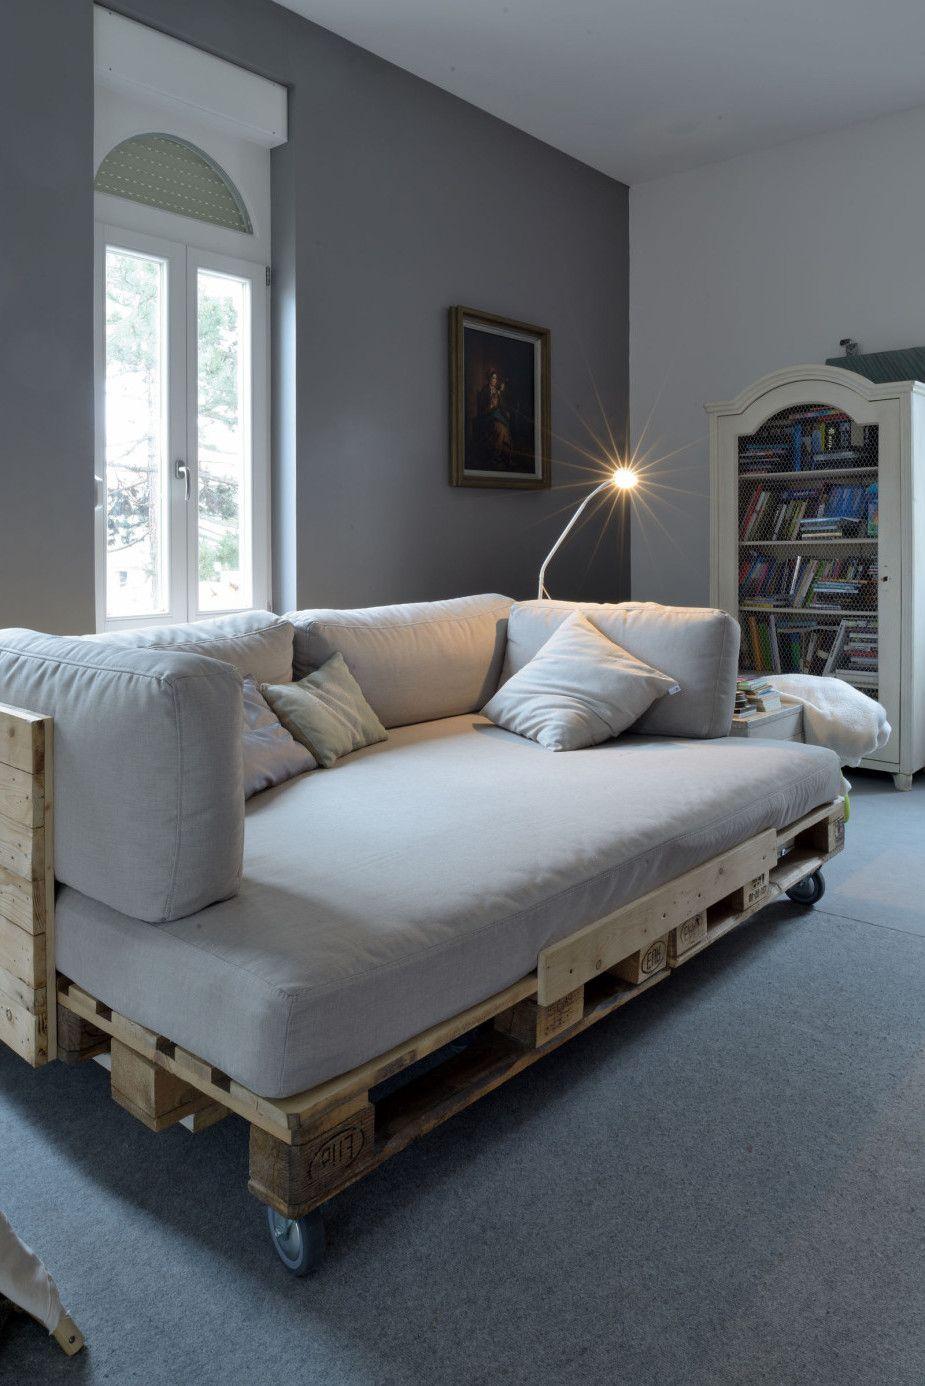 Inspirierend Bett Aus Paletten Bauen Dekoration Von Selber